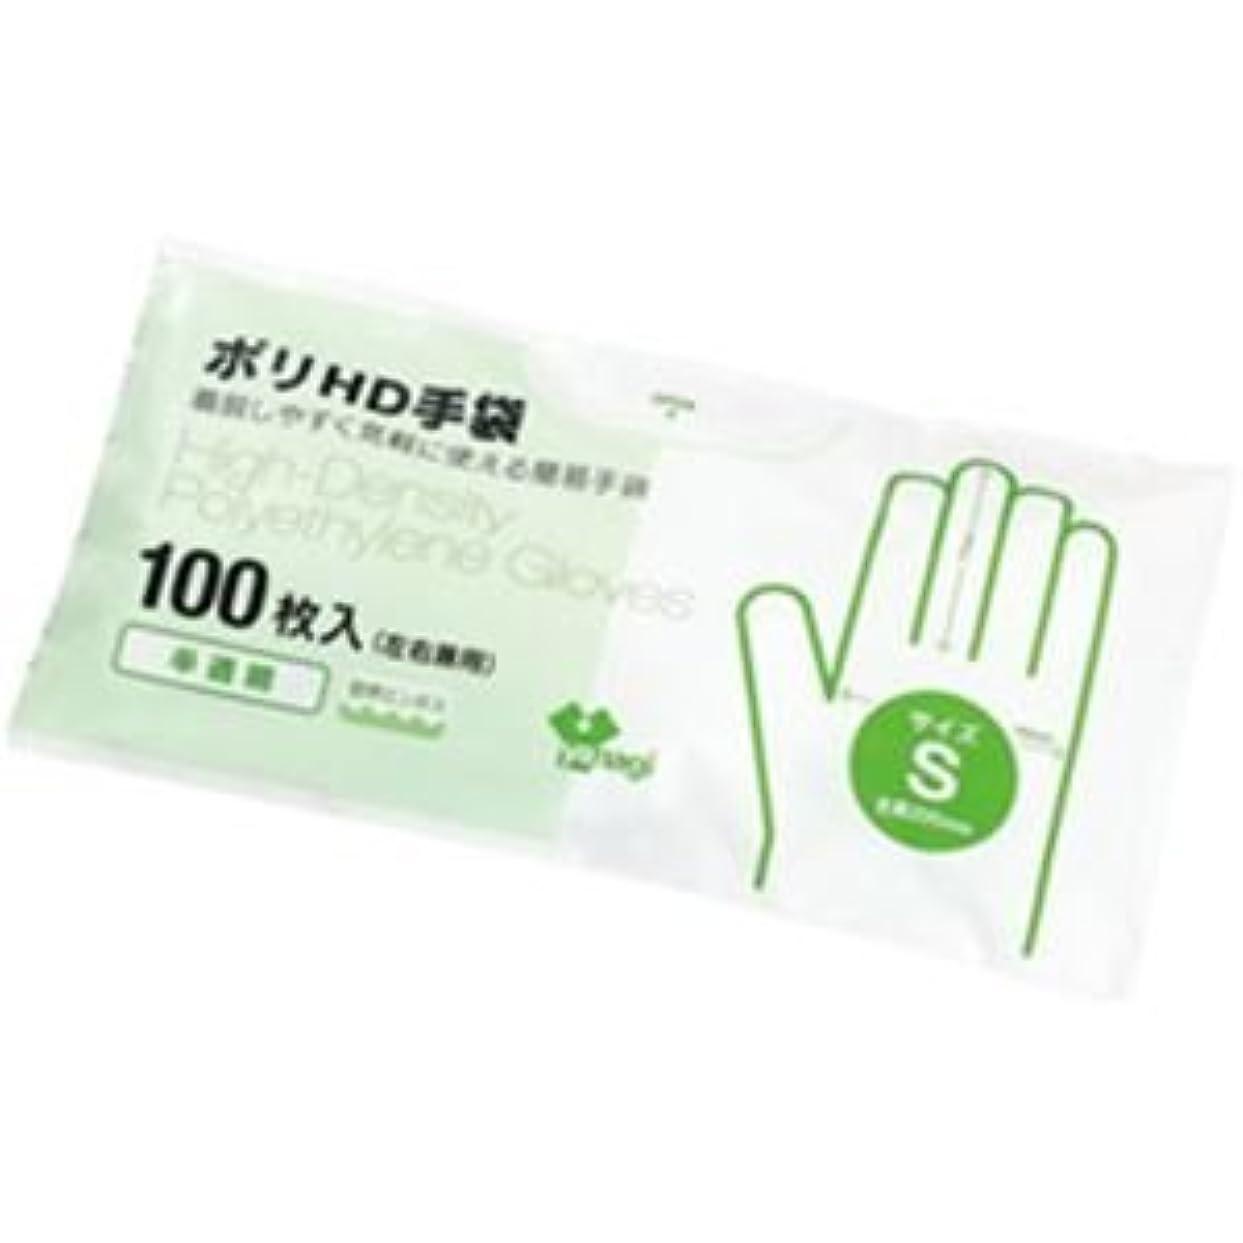 ワーディアンケースペストロースト(業務用セット) やなぎプロダクツ 高密度ポリエチレン手袋 S 半透明 1箱(100枚) 【×30セット】